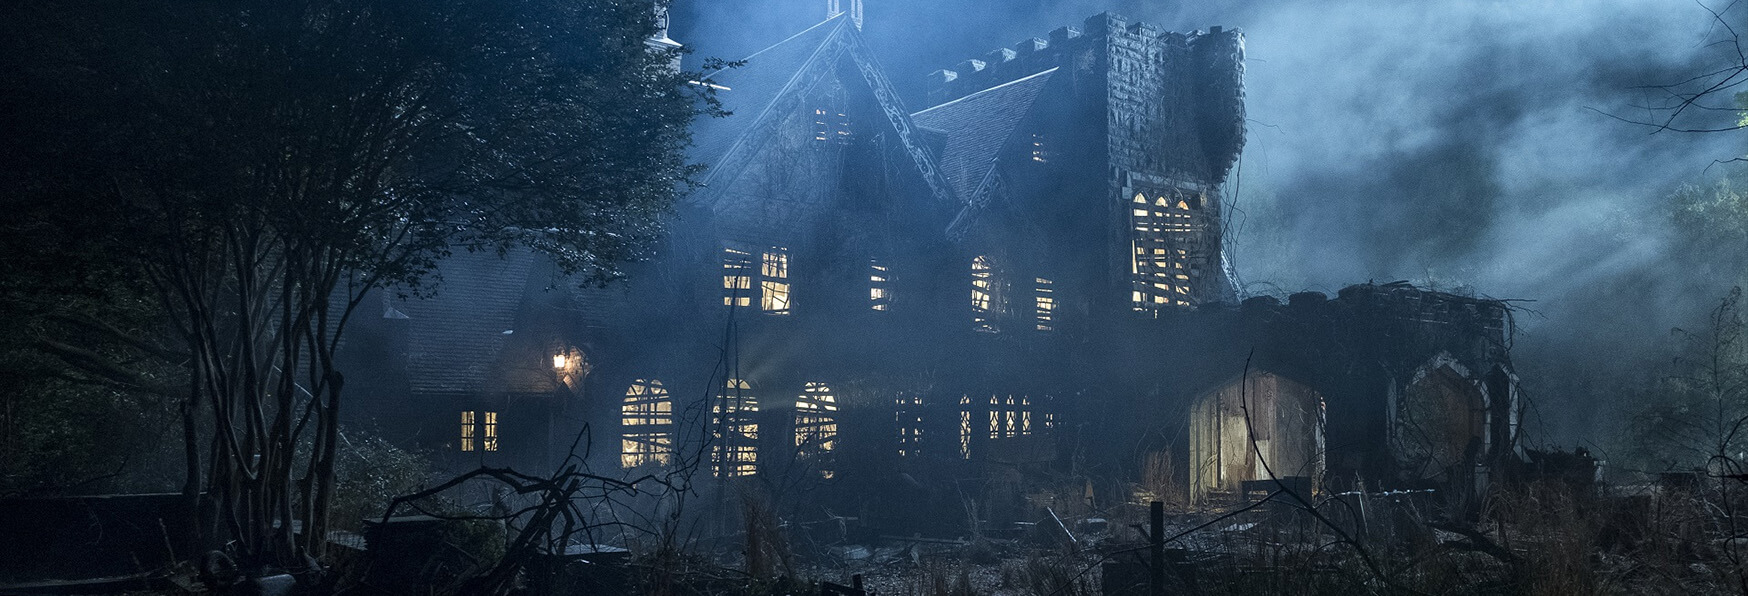 The Haunting of Hill House: la nuova Serie Horror di Netflix